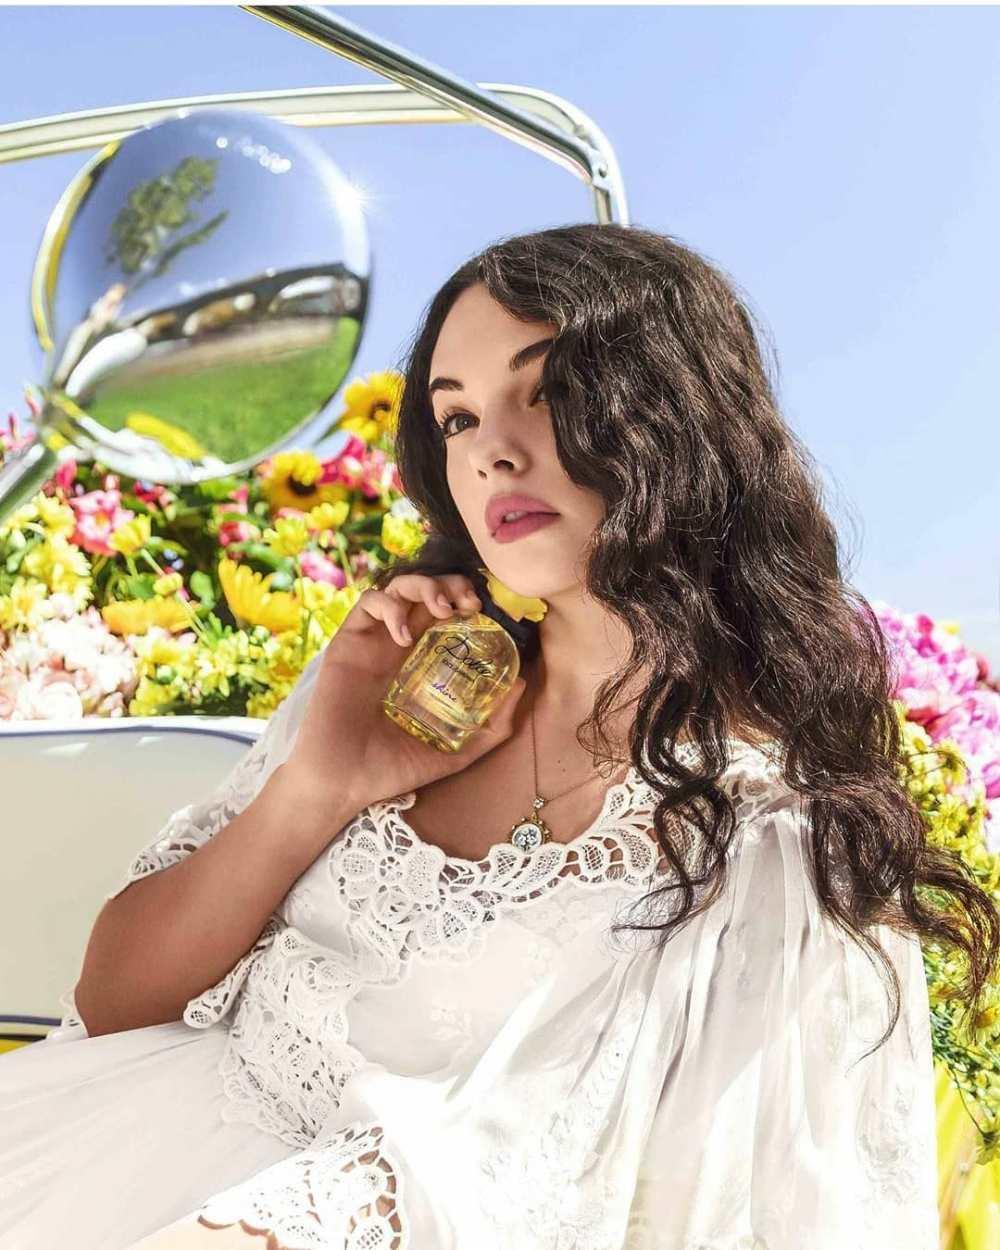 15-летняя дочь Беллуччи и Касселя снялась в рекламе Дольче&Габбана